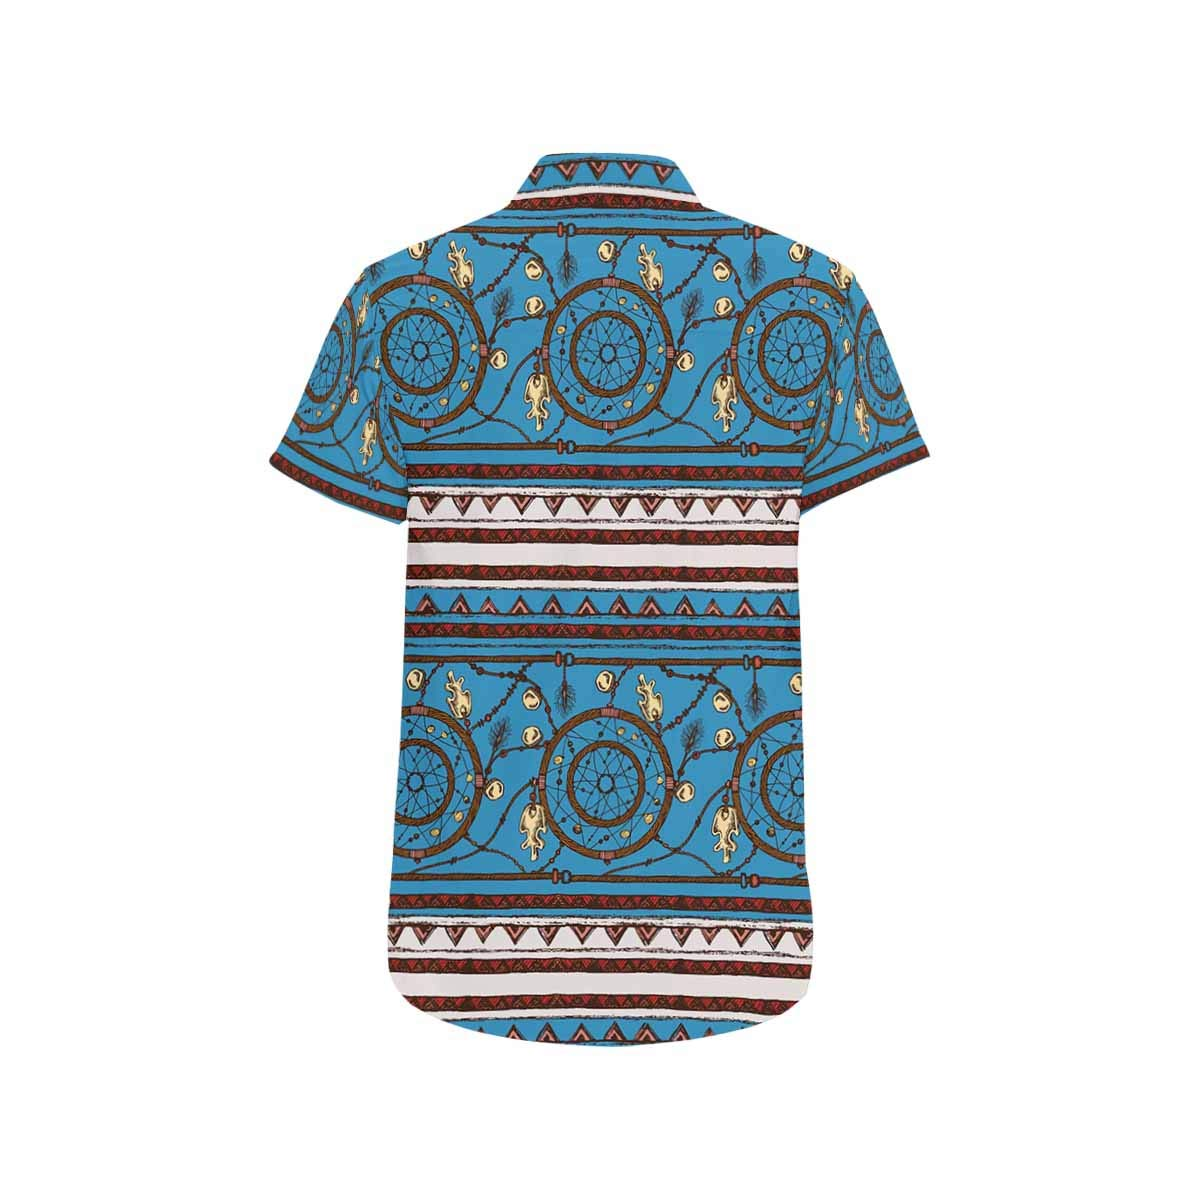 InterestPrint Regular Fit Shirts Dream Catcher Aztec Shirt